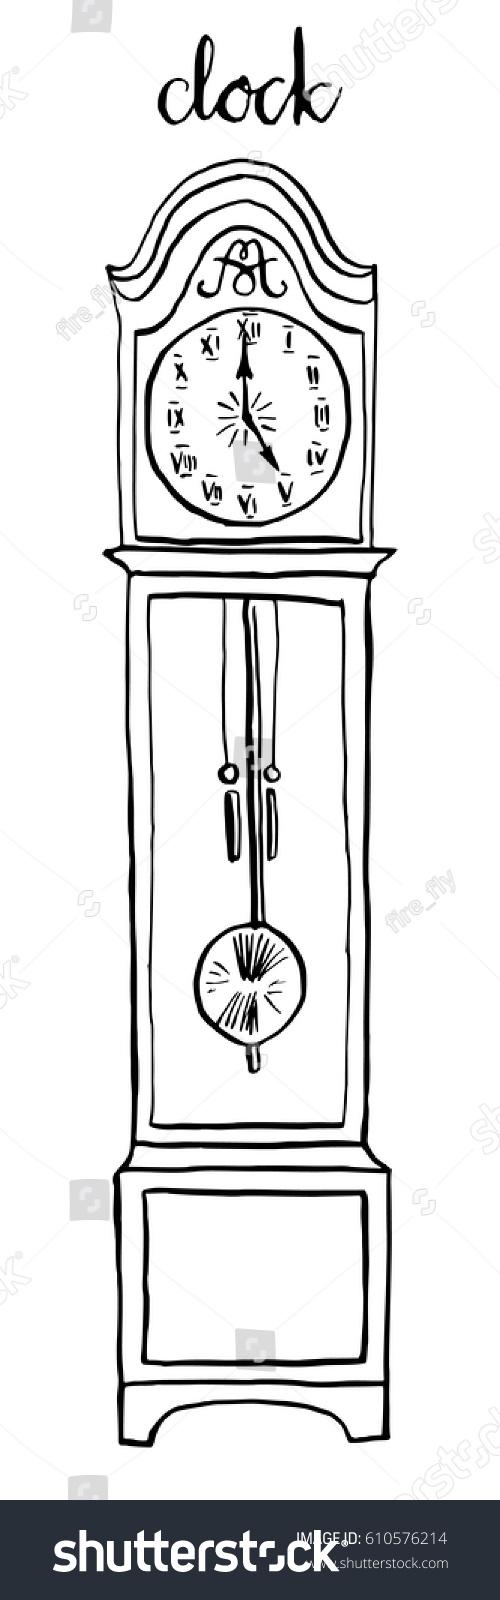 Vintage Floor Clock Furniture Interior Design Elements Hand Drawn Ink Sketch Illustration